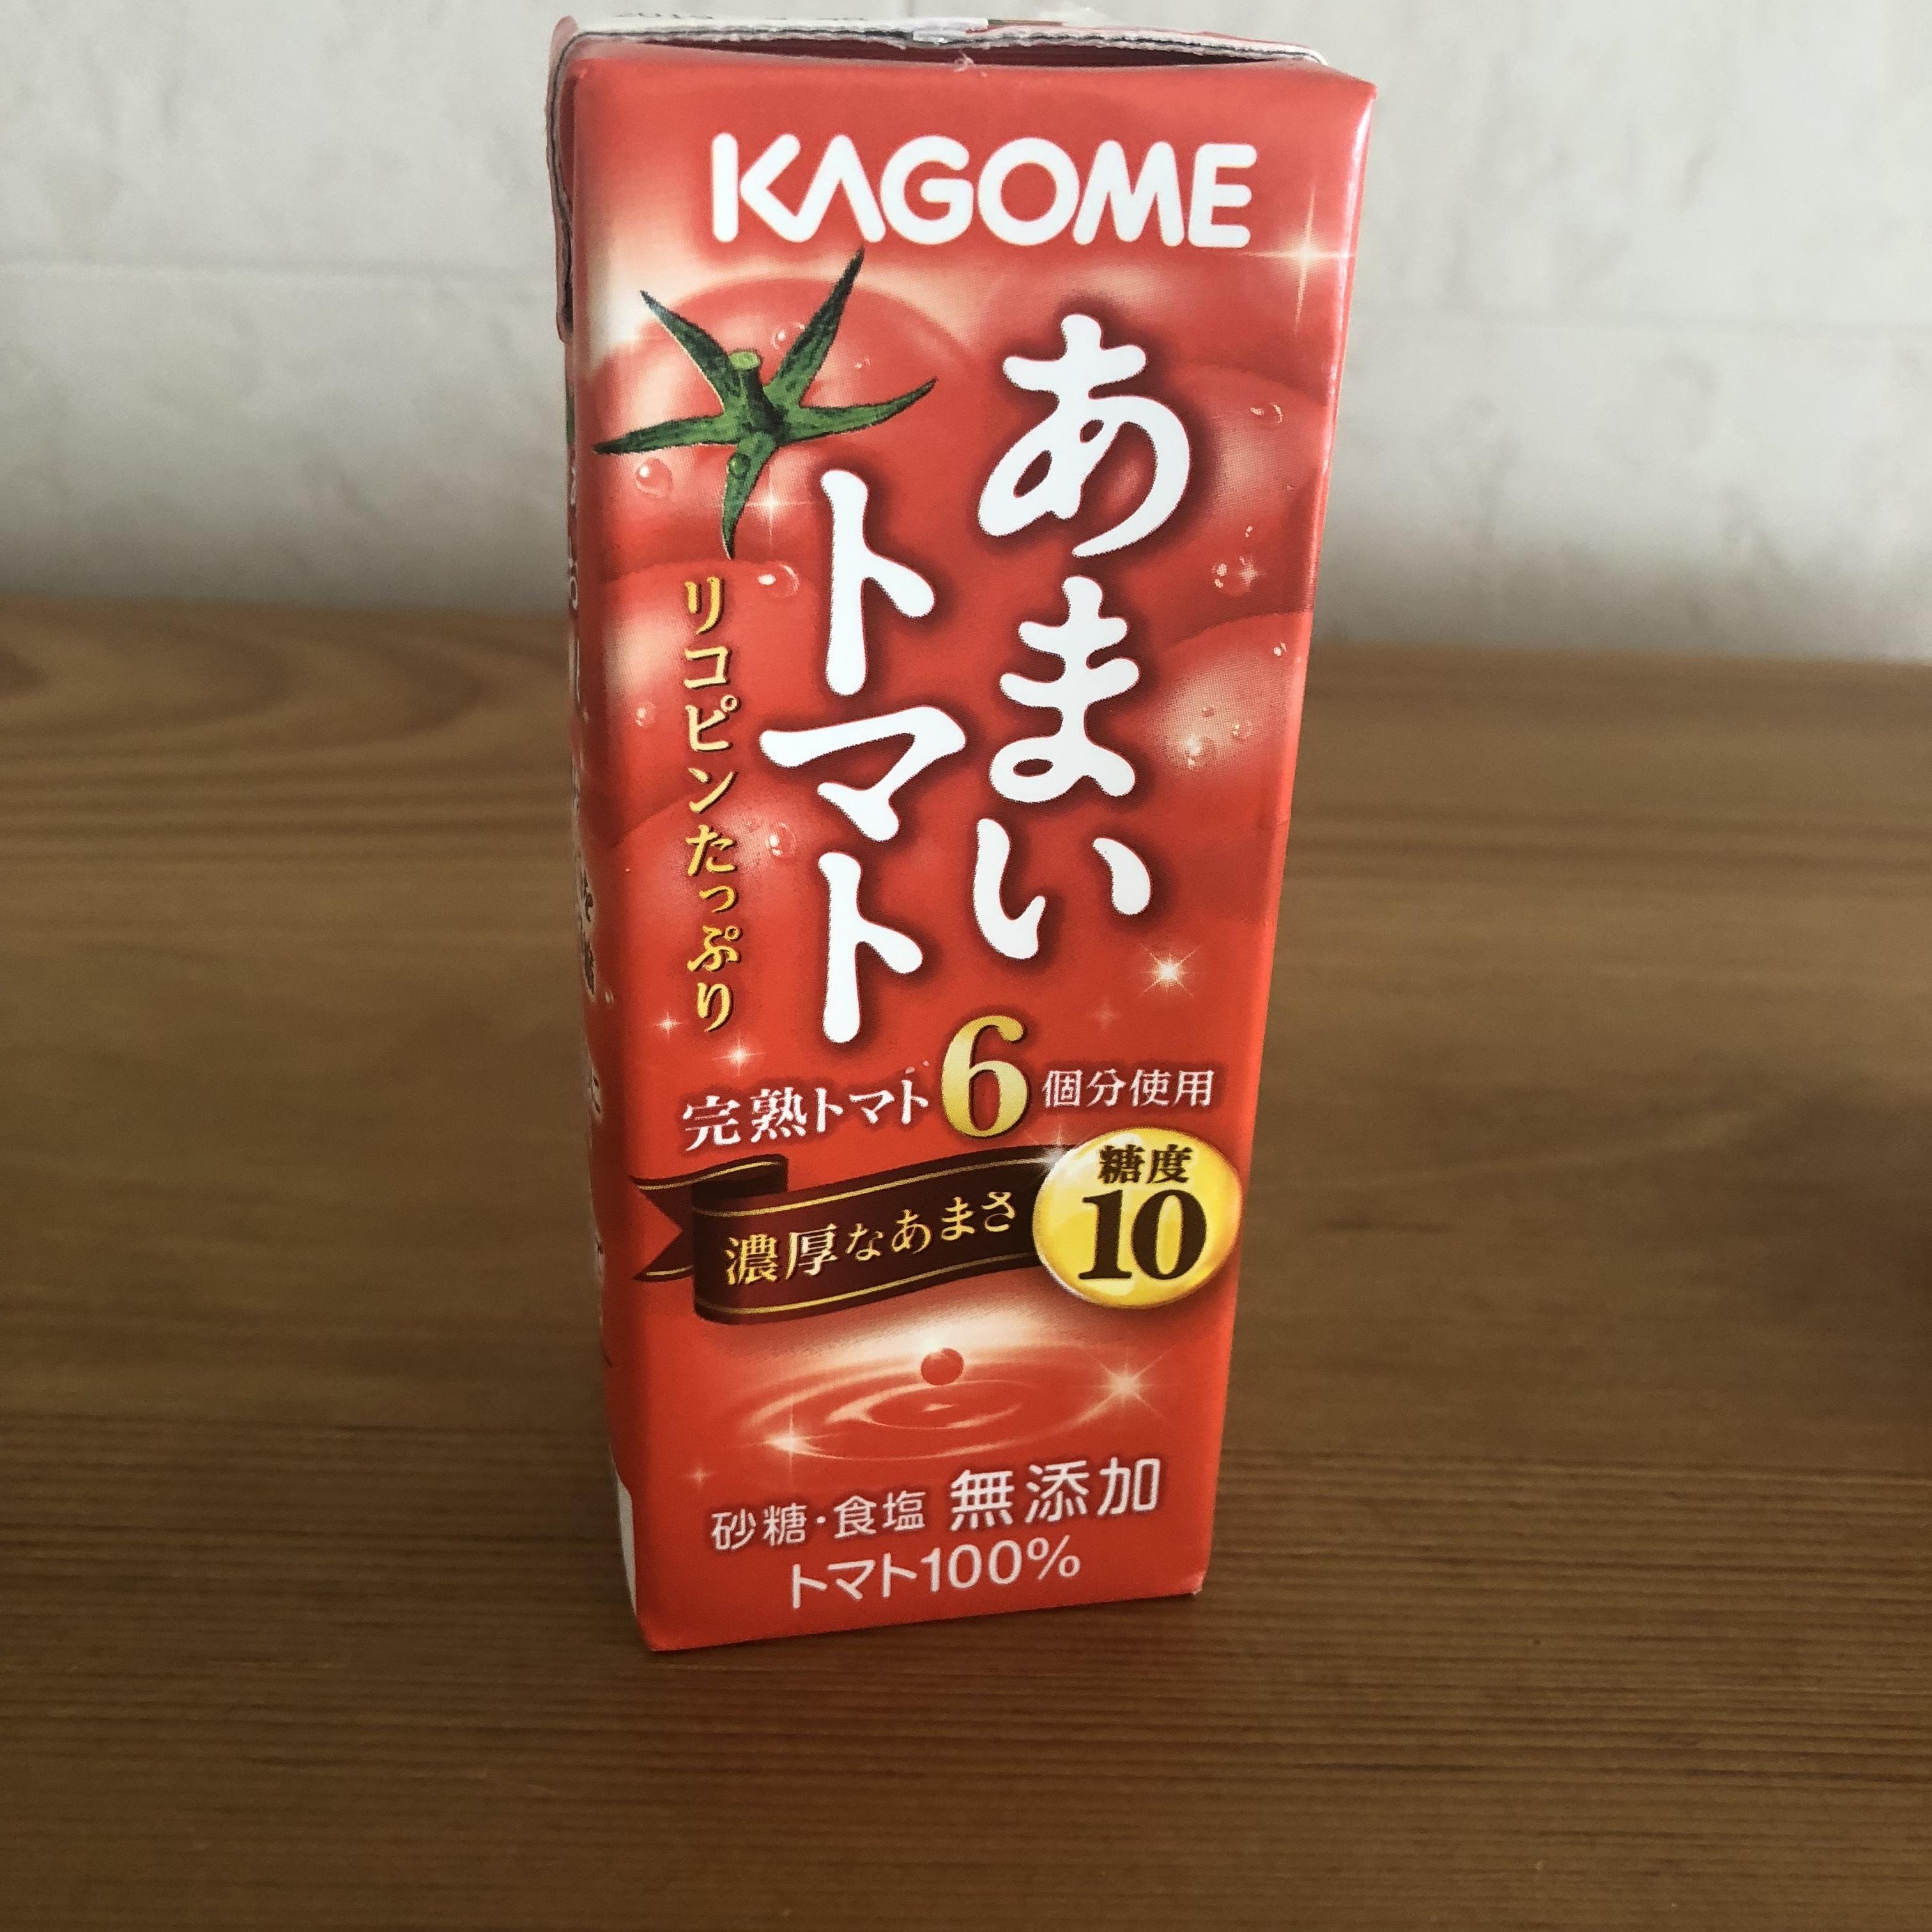 [美白]初めてでも飲みやすい!おすすめのトマトジュース[コンビニ]_1_1-1